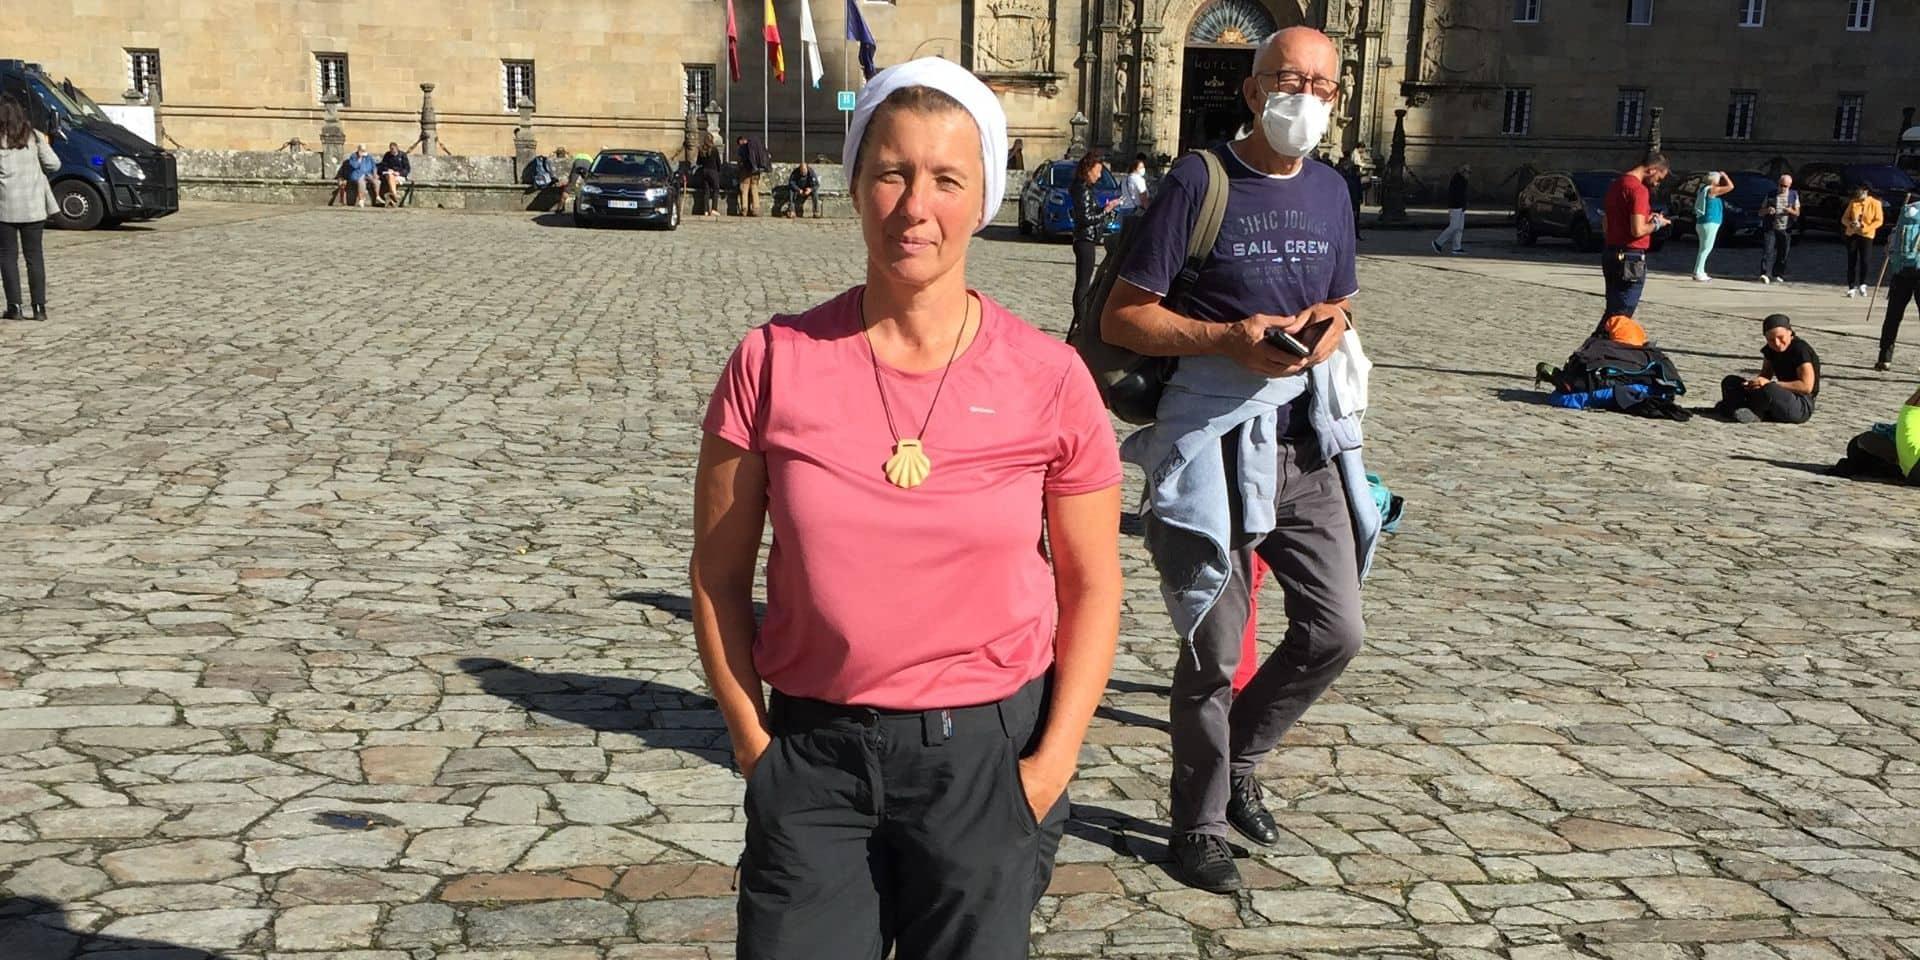 Frameries: Françoise a parcouru 808 kilomètres en 30 jours